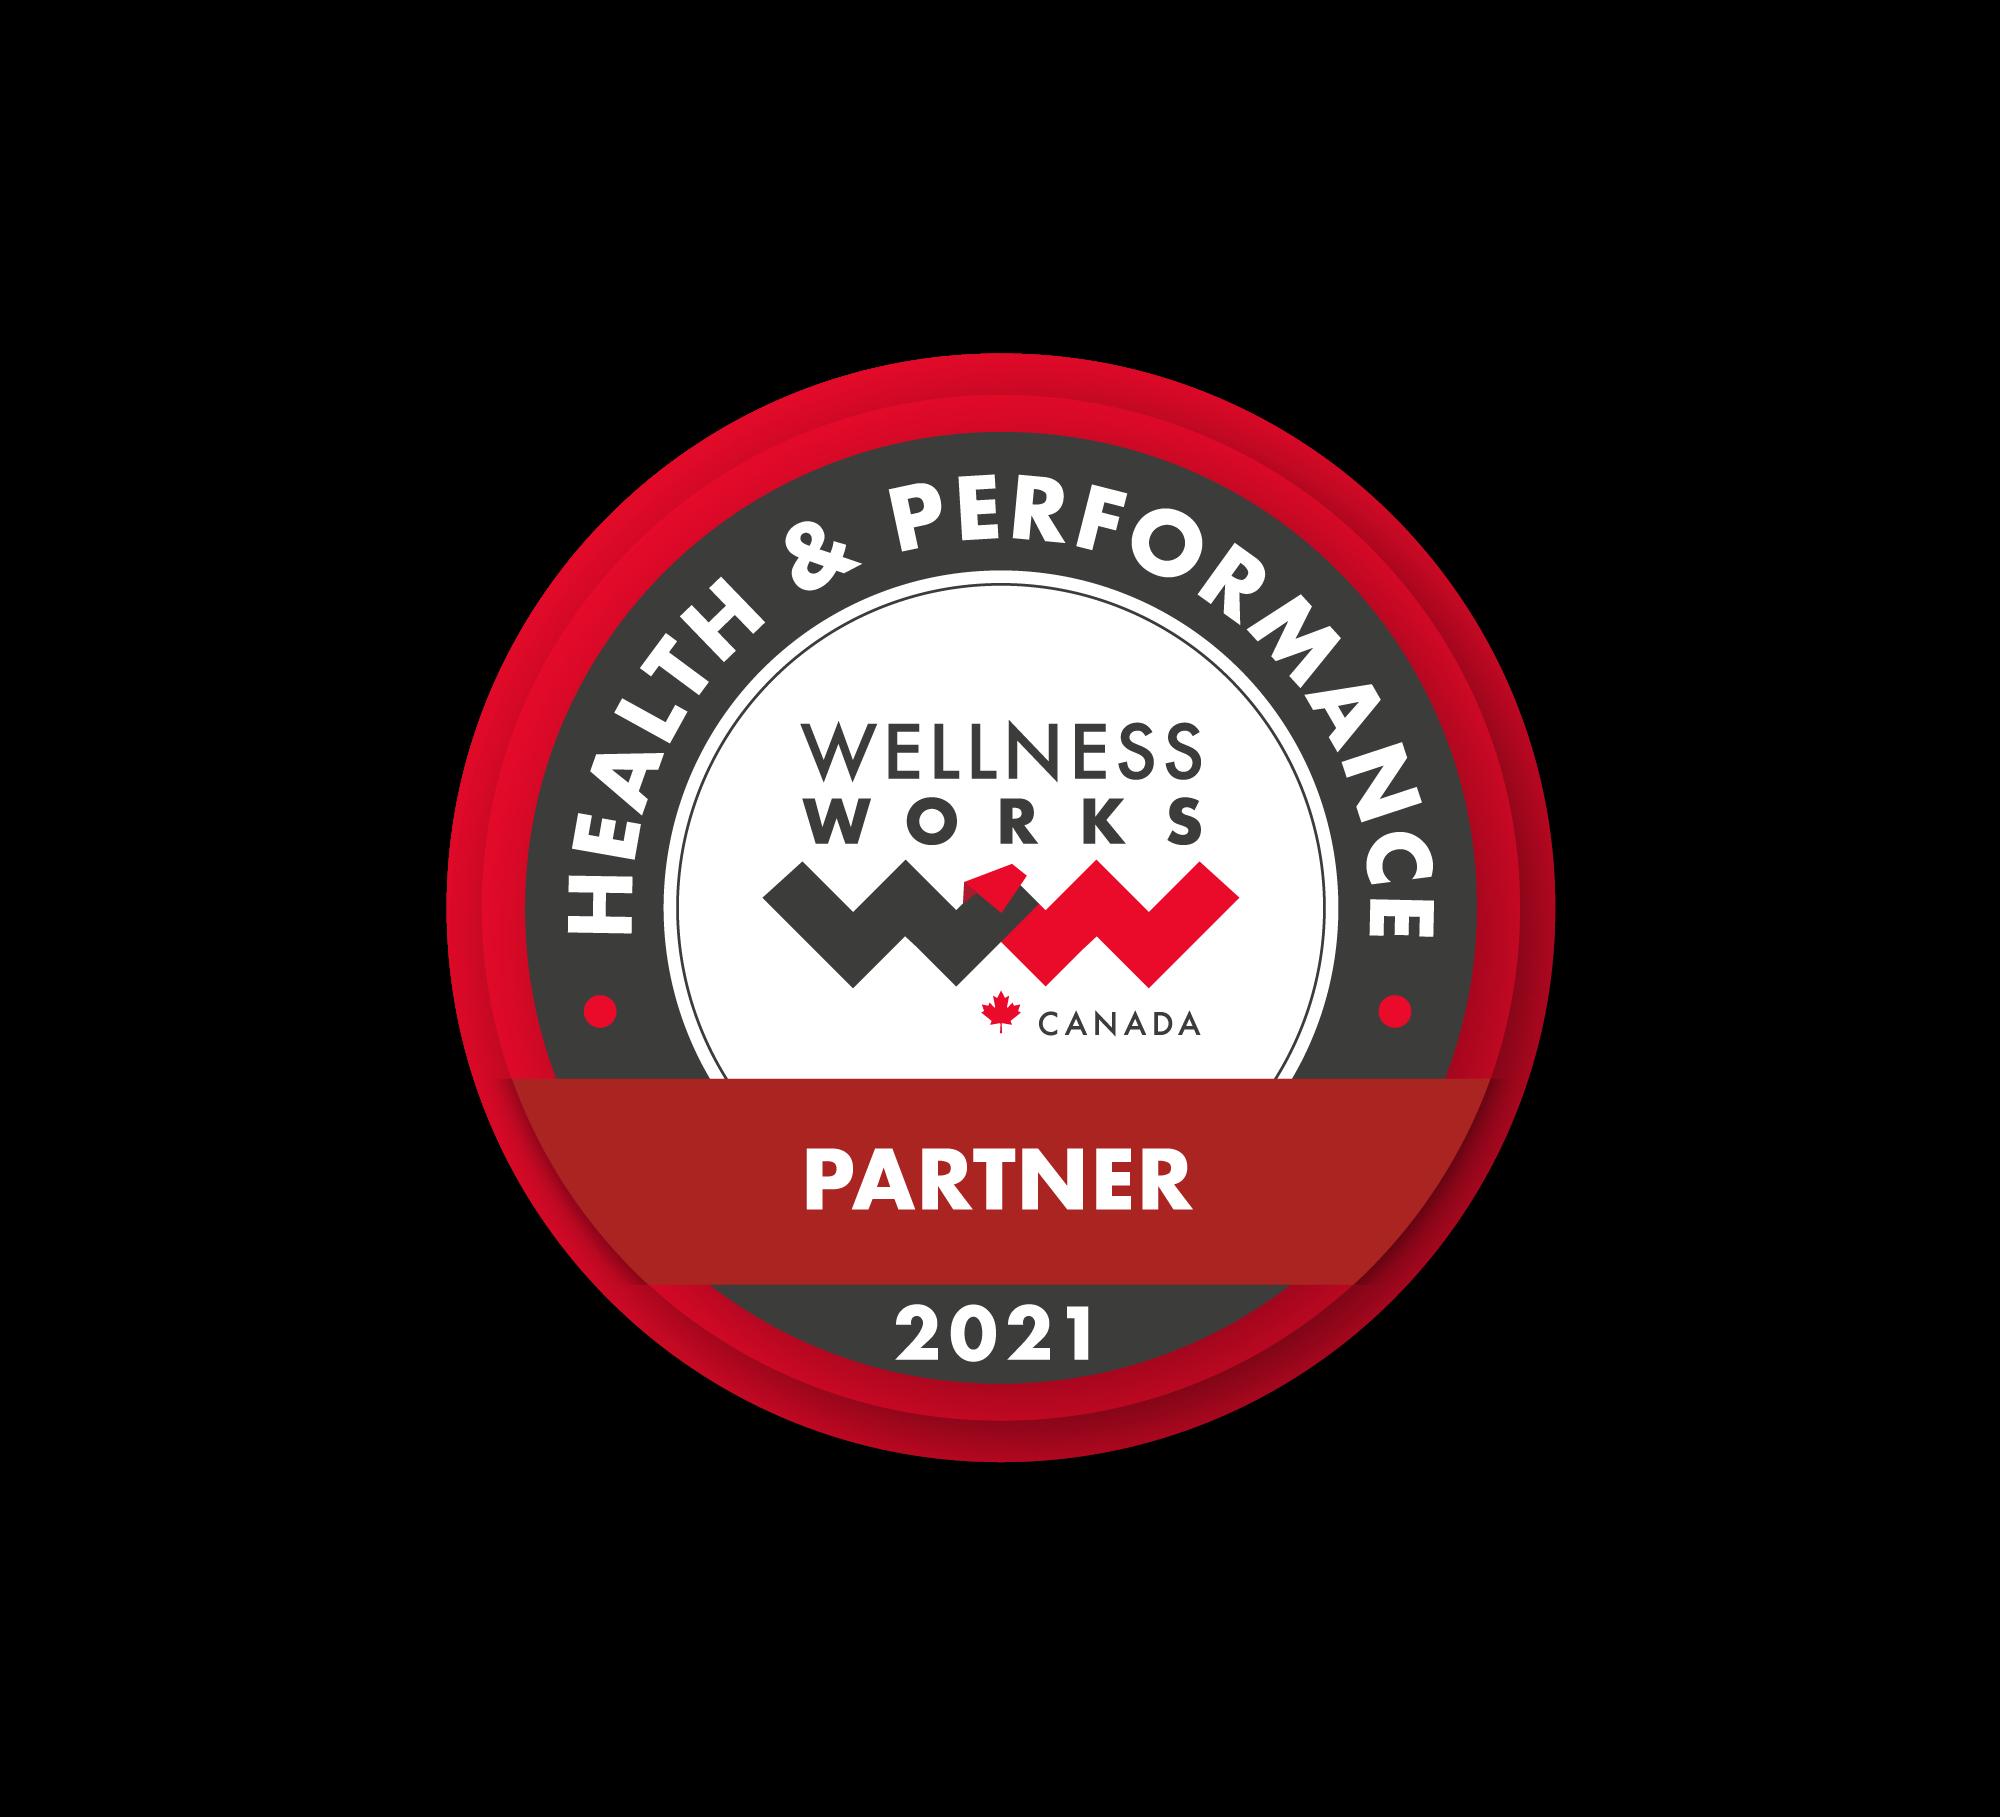 Wellness works partner badge.jpg_2021